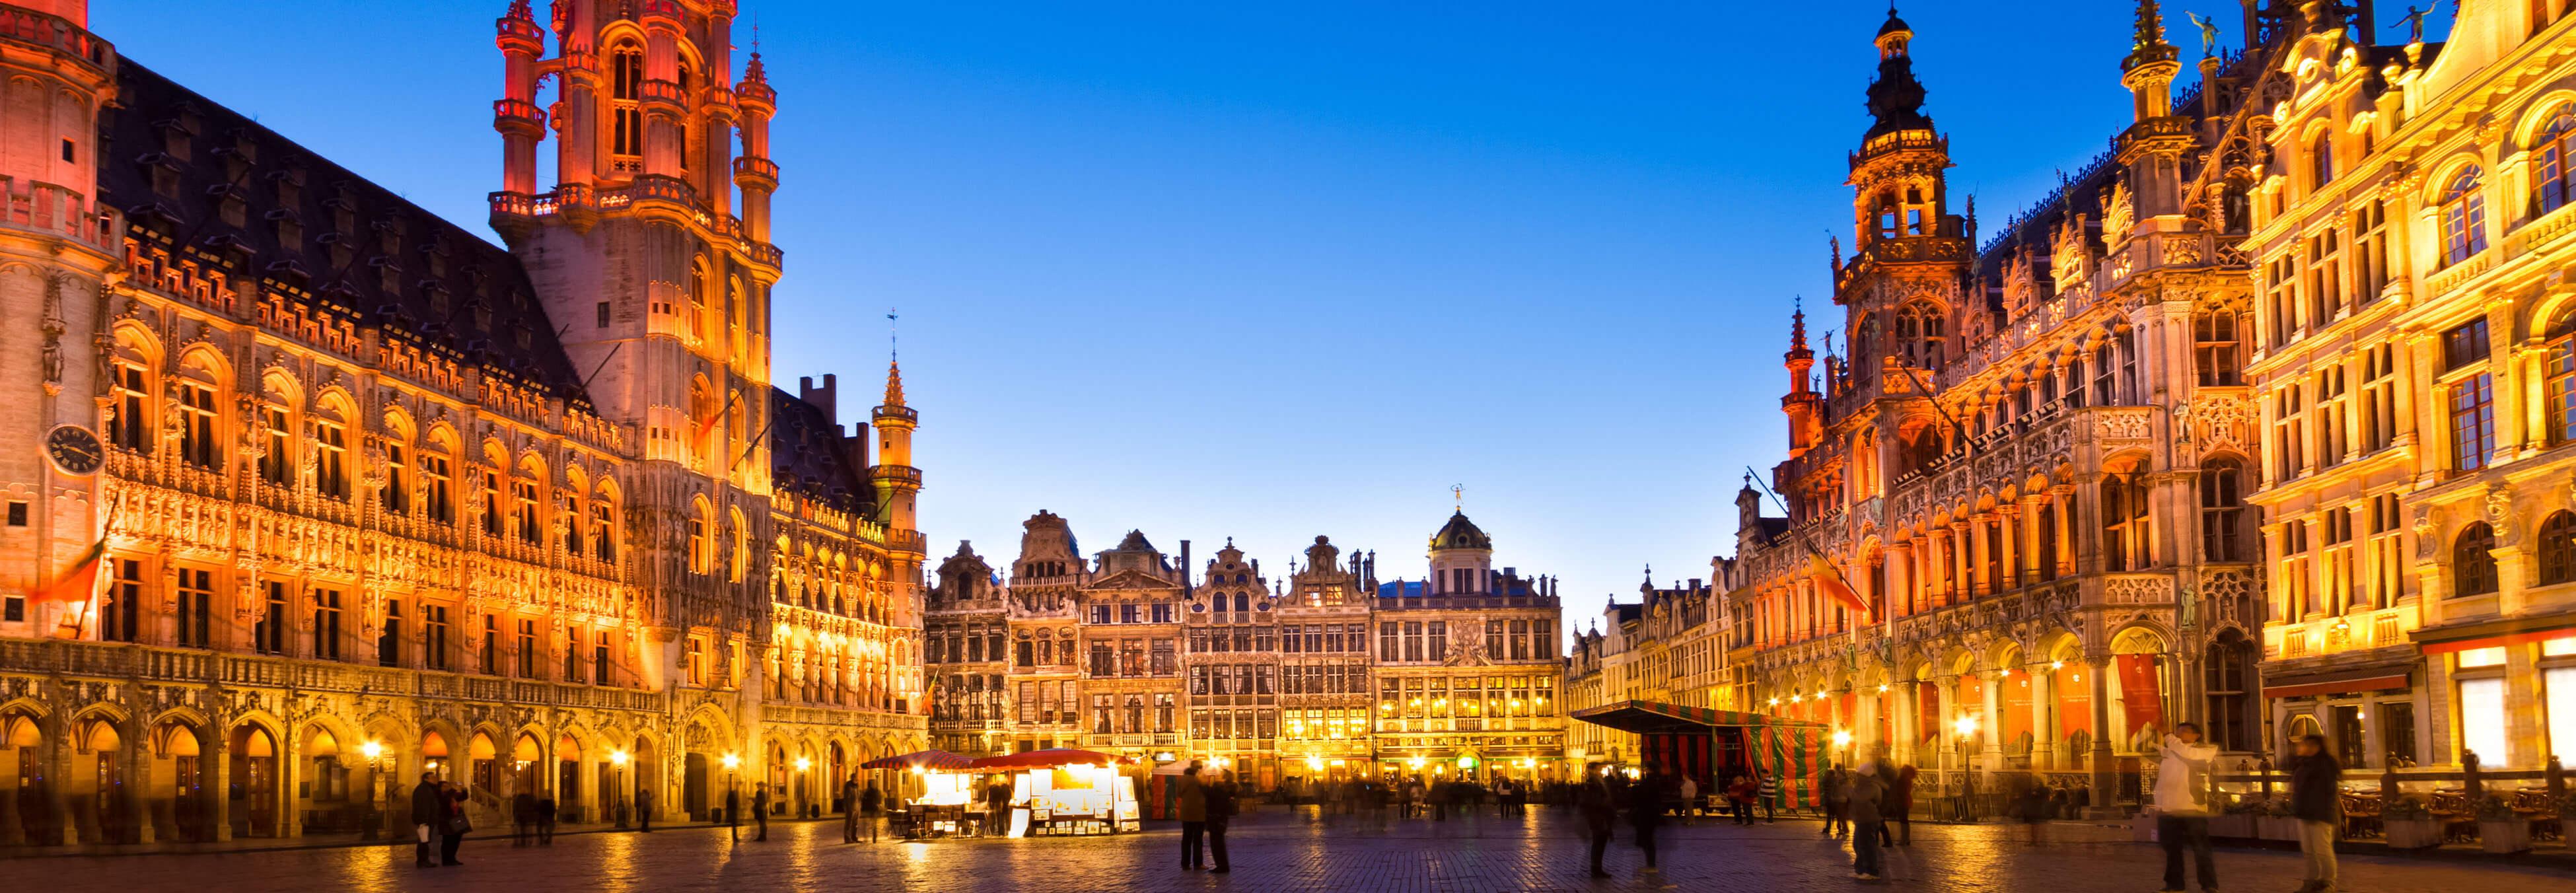 Государство Бельгия